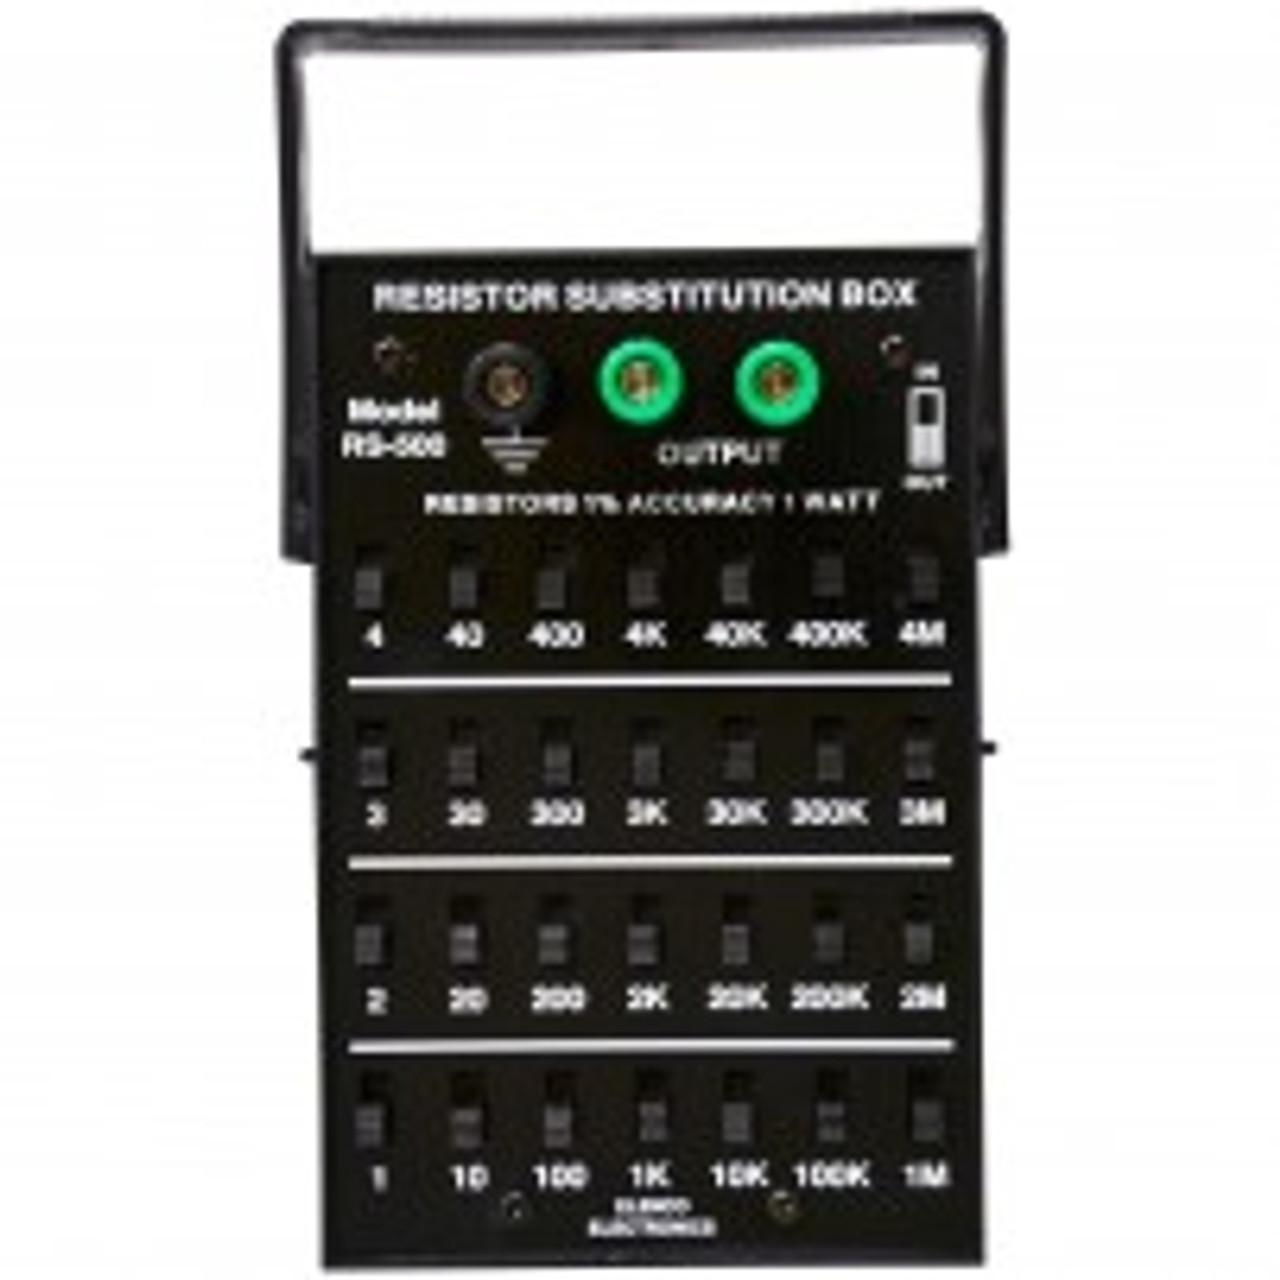 Elenco 1 Watt Resistor Substitution Box